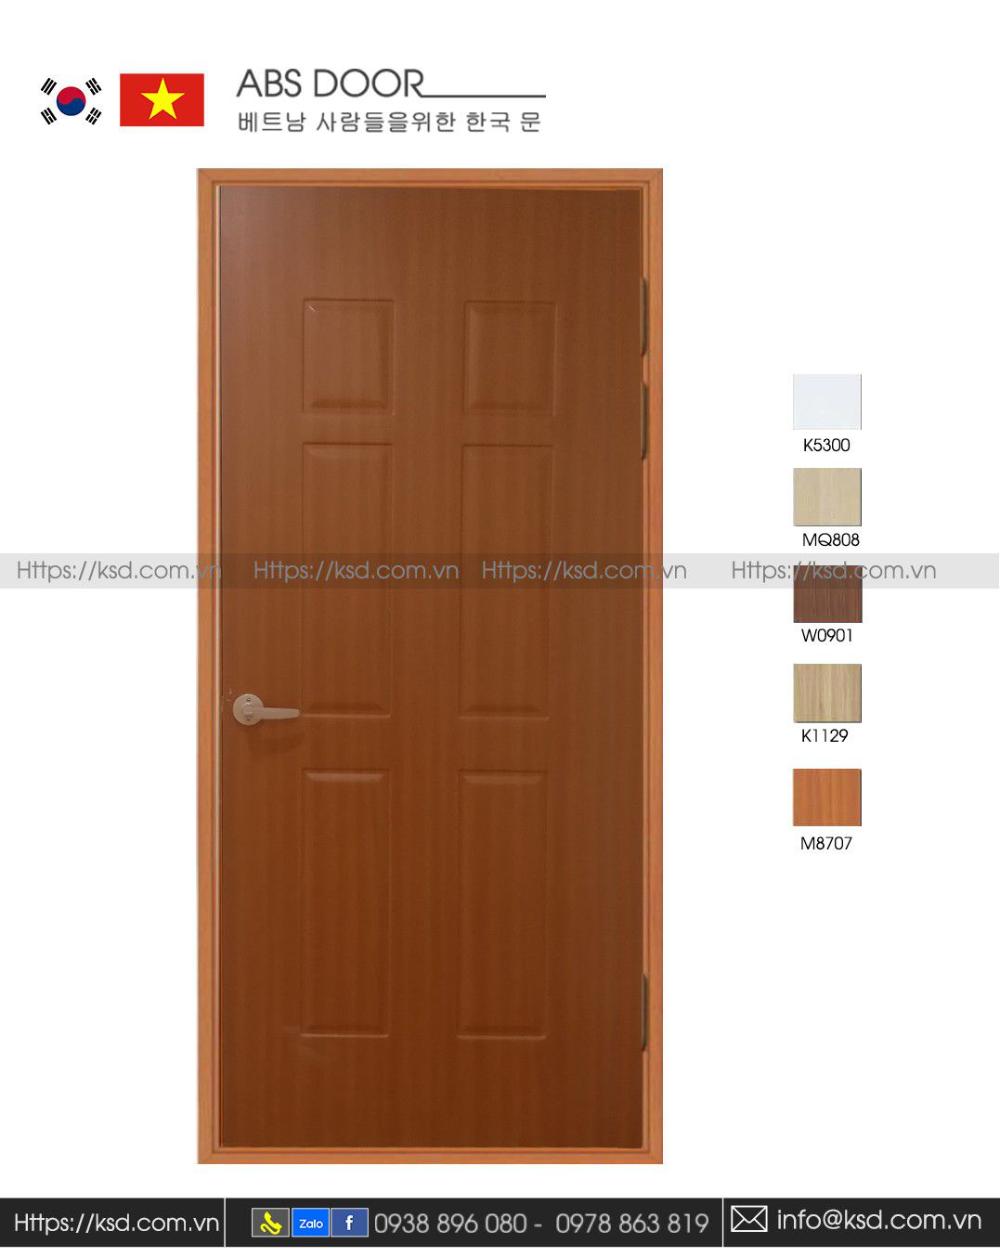 ABS Door KSD 120 W8707 – New model Korean ABS plastic door